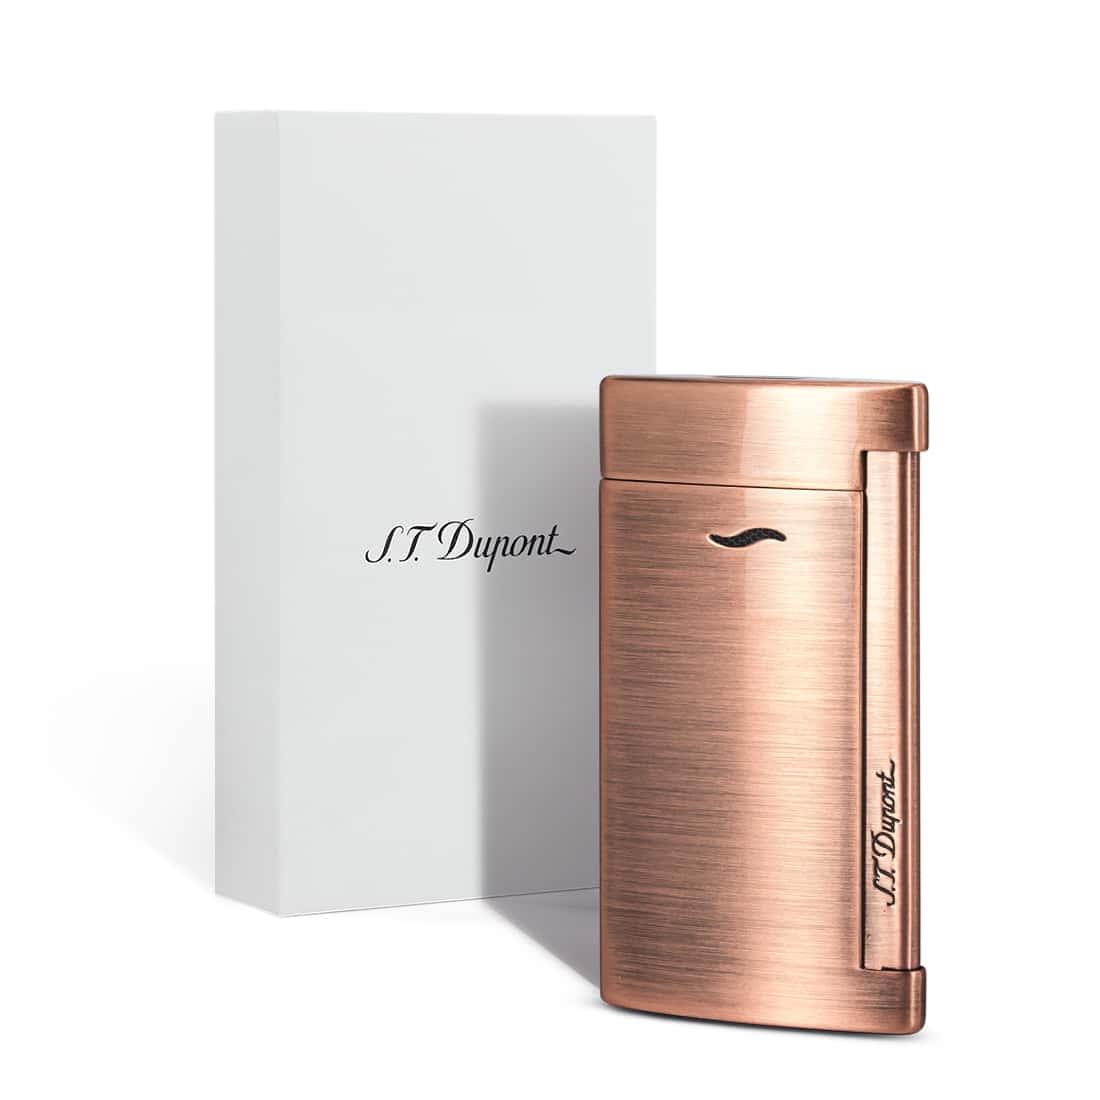 Photo #1 de Briquet S.T. Dupont Slim 7 Cuivre Brushed Copper